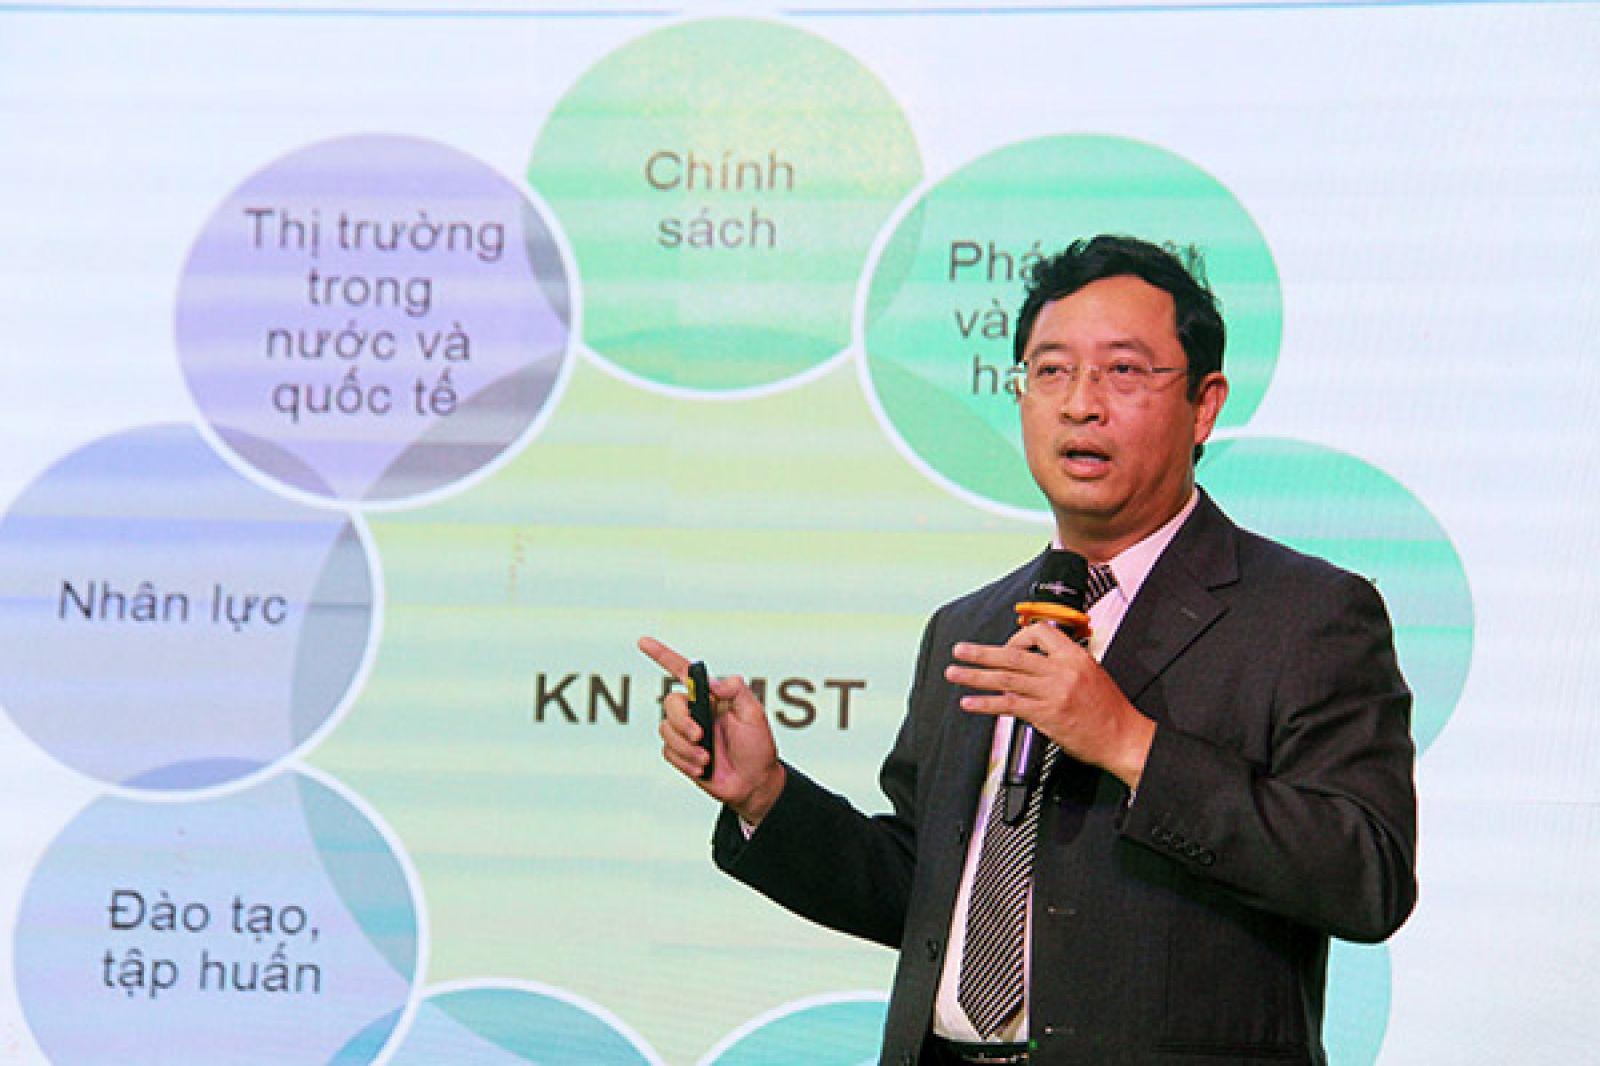 Đại diện Cục Phát triển thị trường và doanh nghiệp khoa học - công nghệ trình bày tham luận tại hội nghị.